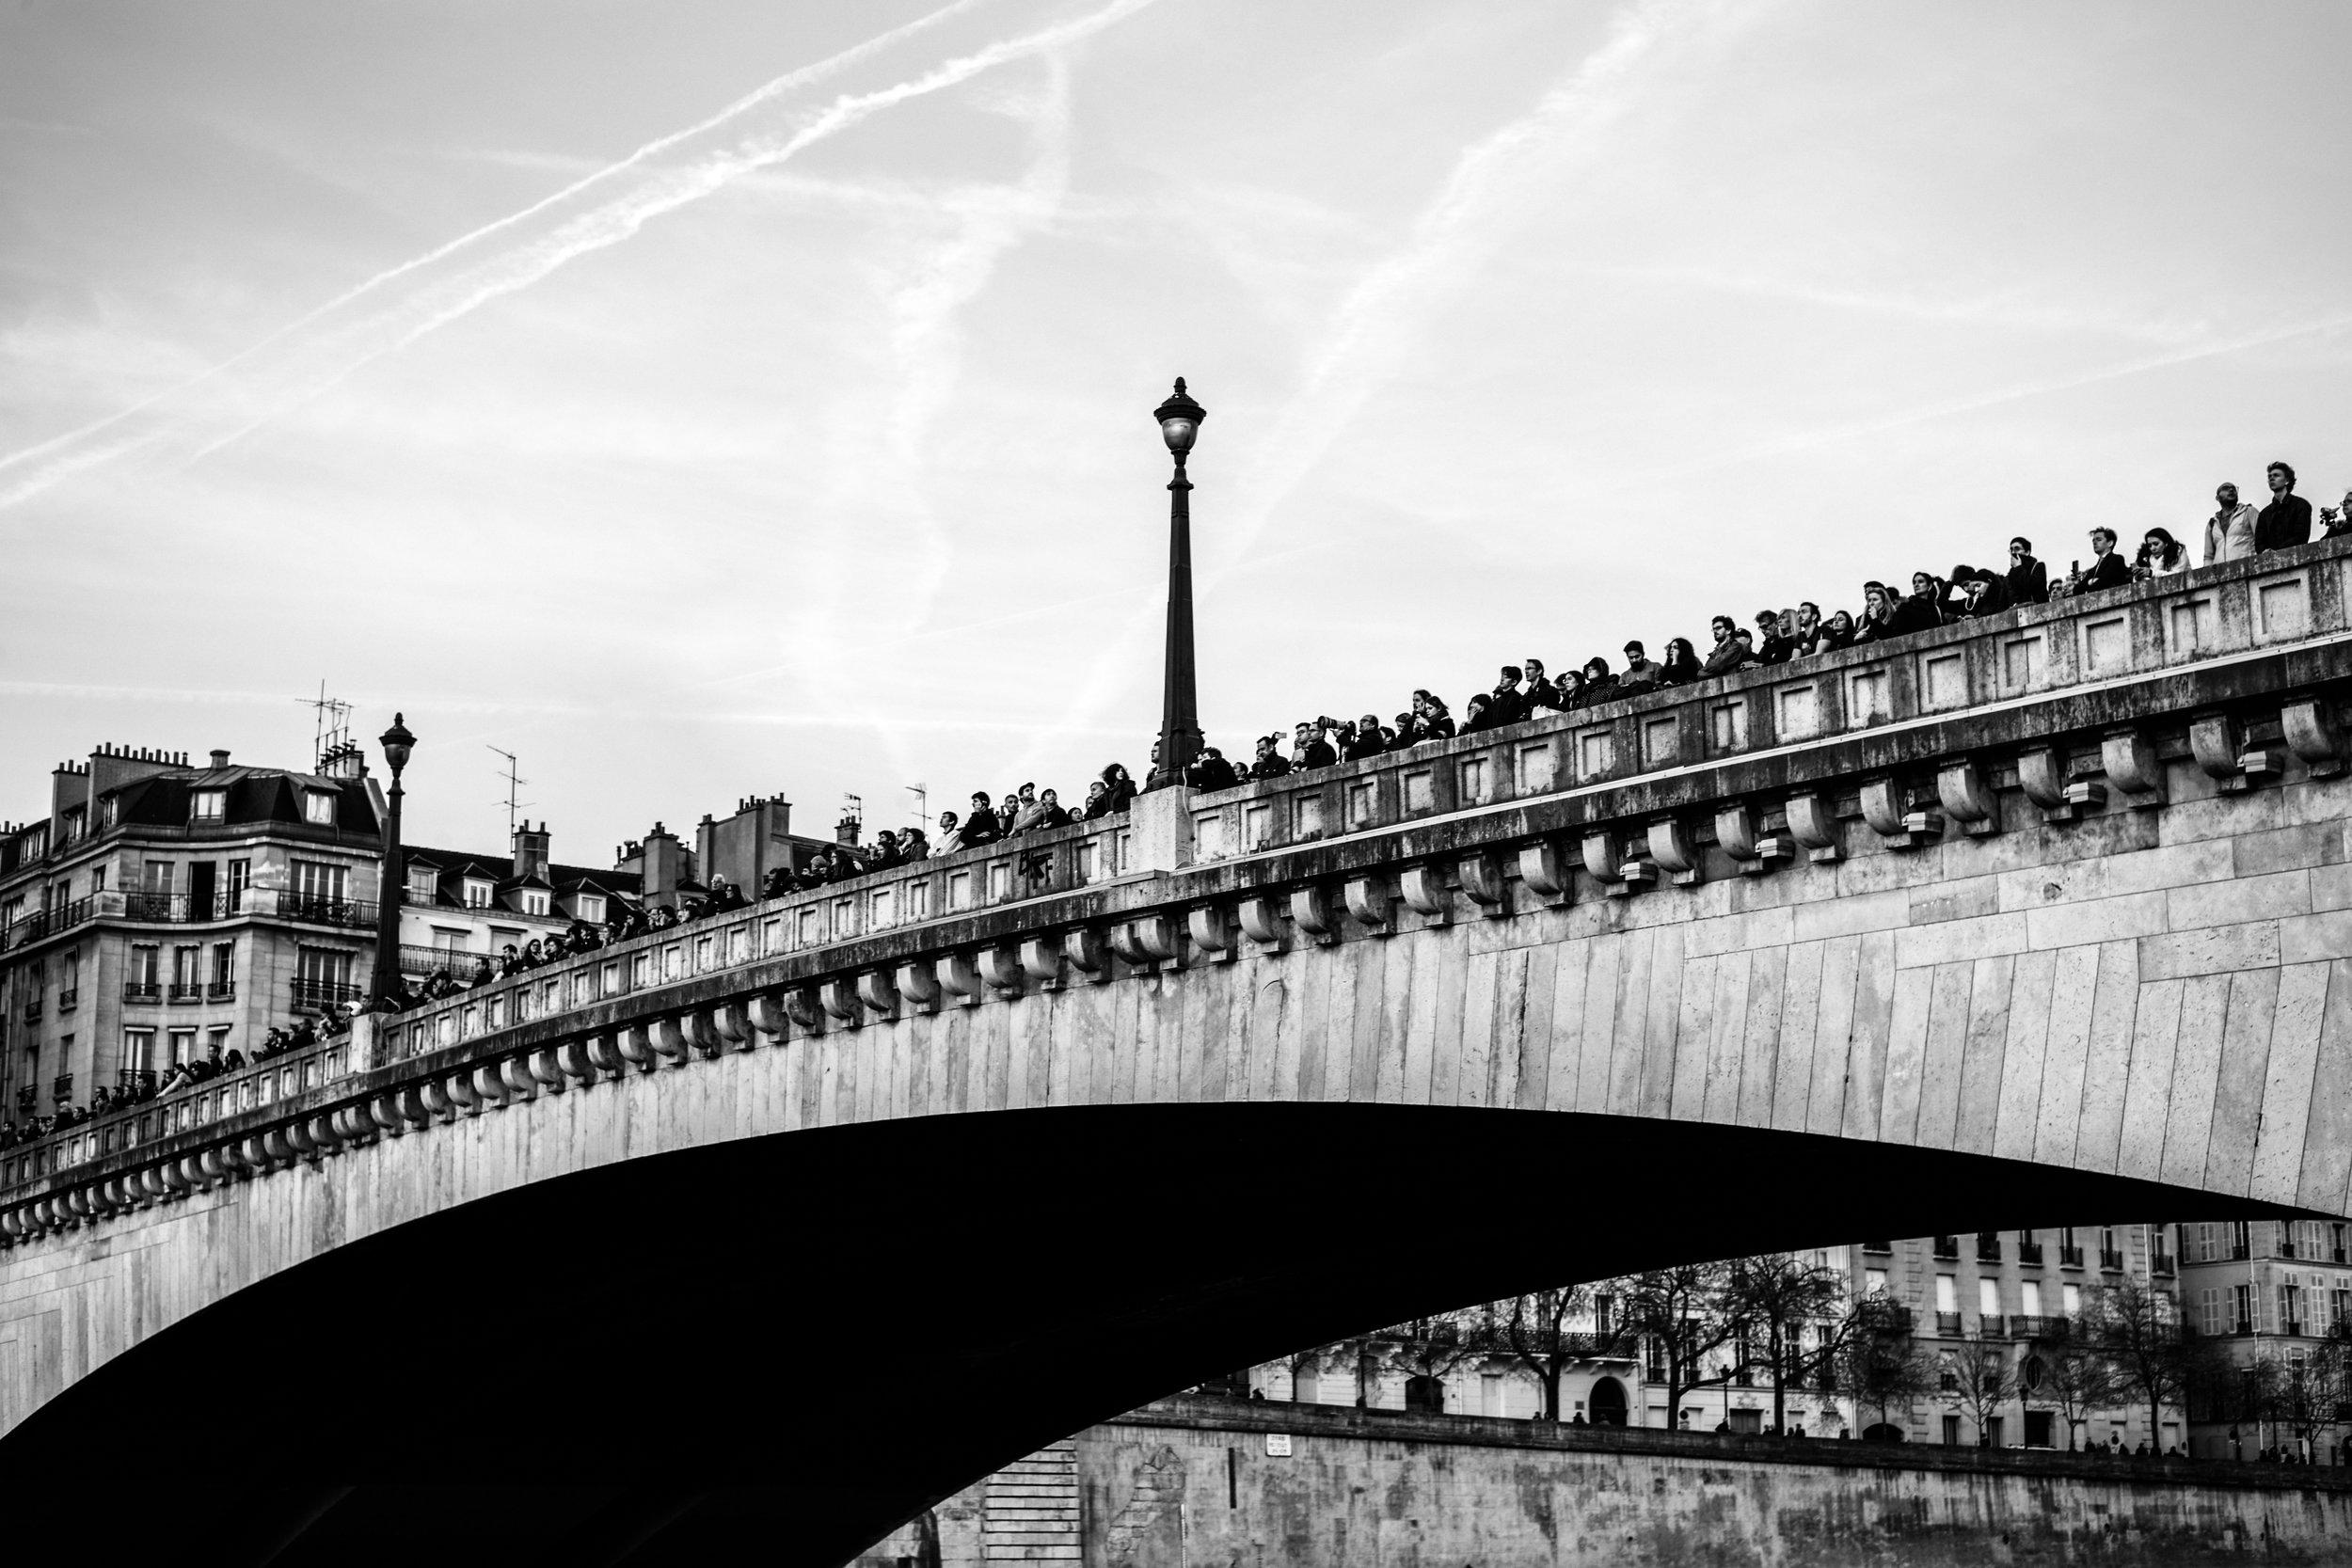 Les parisiens face à Notre-Dame en feu, Paris 2019.